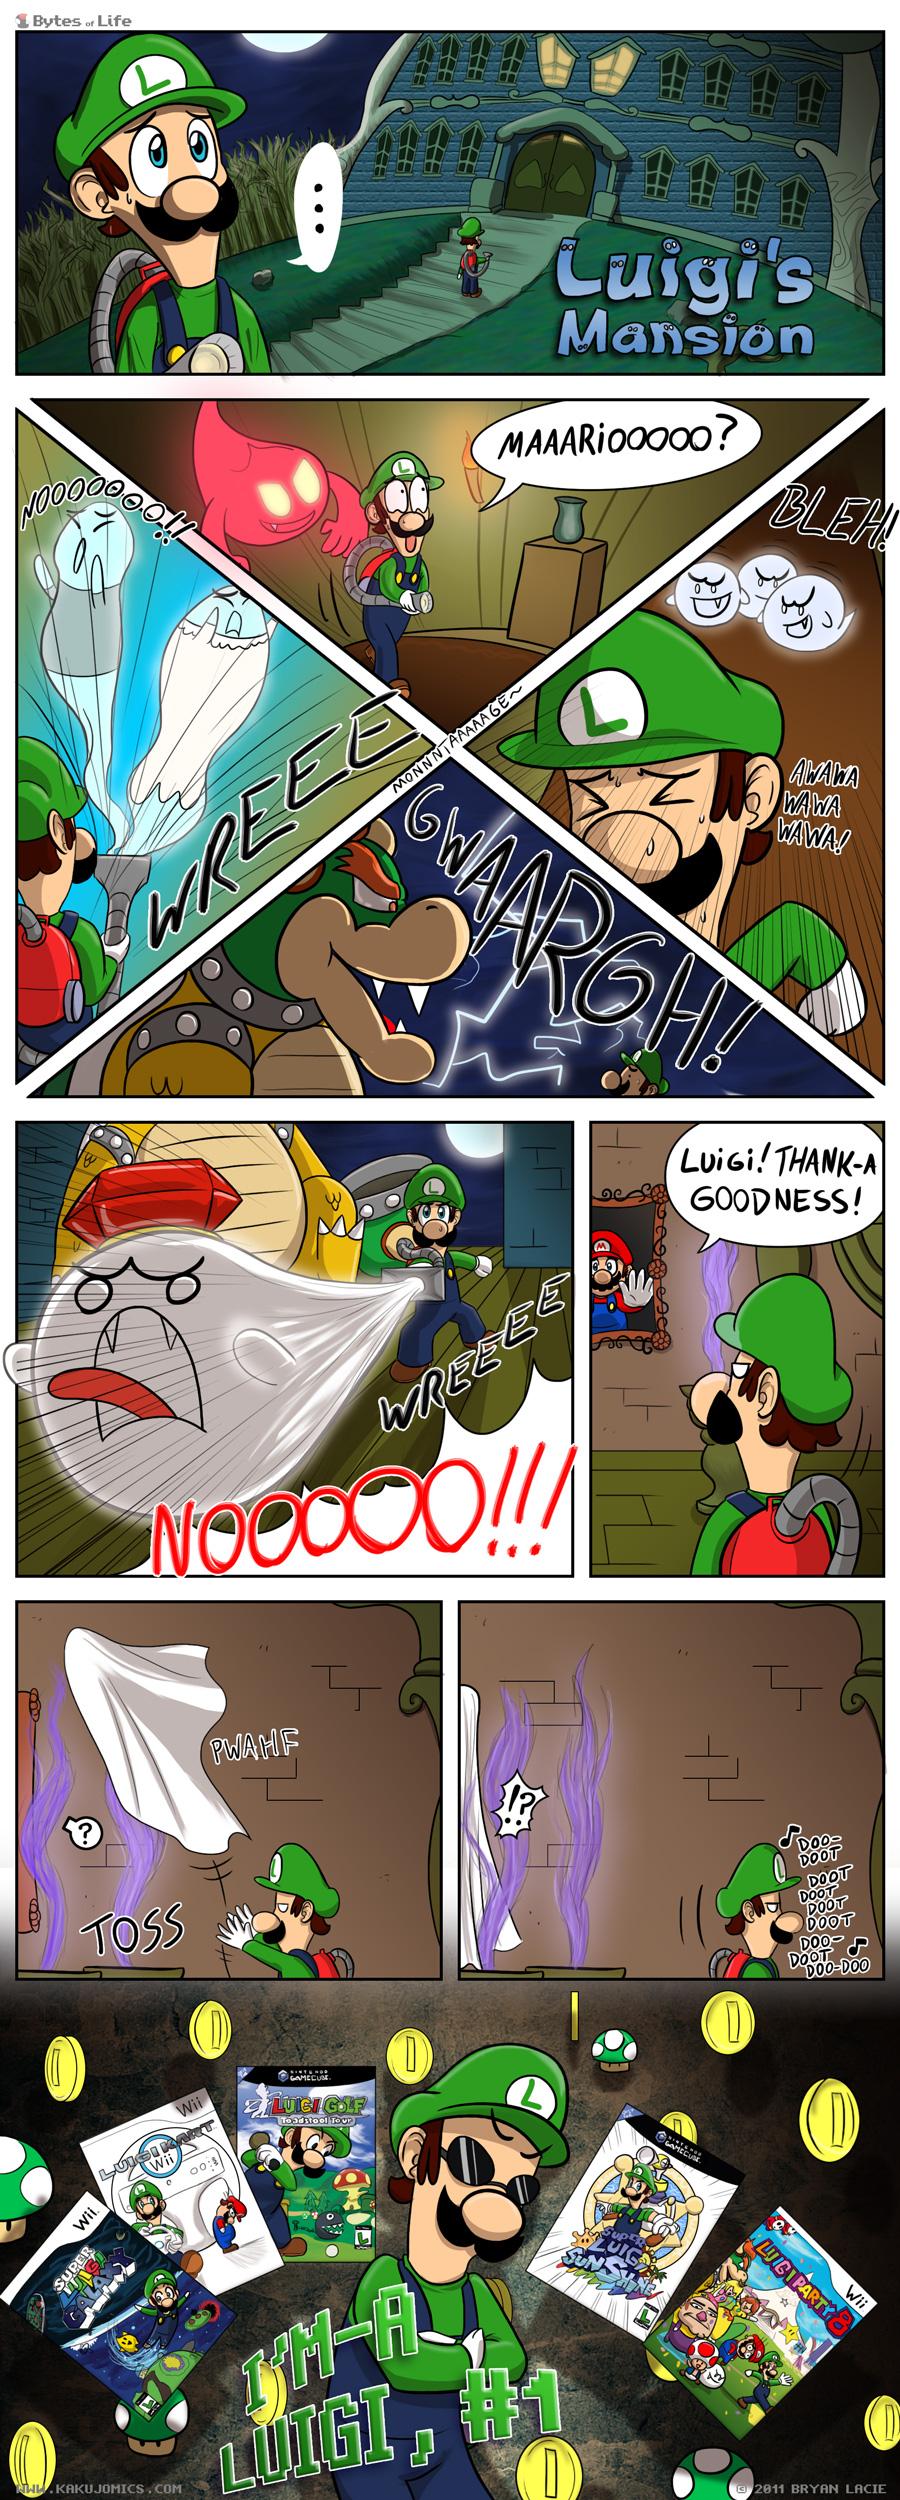 Represent, Luigi, represent...